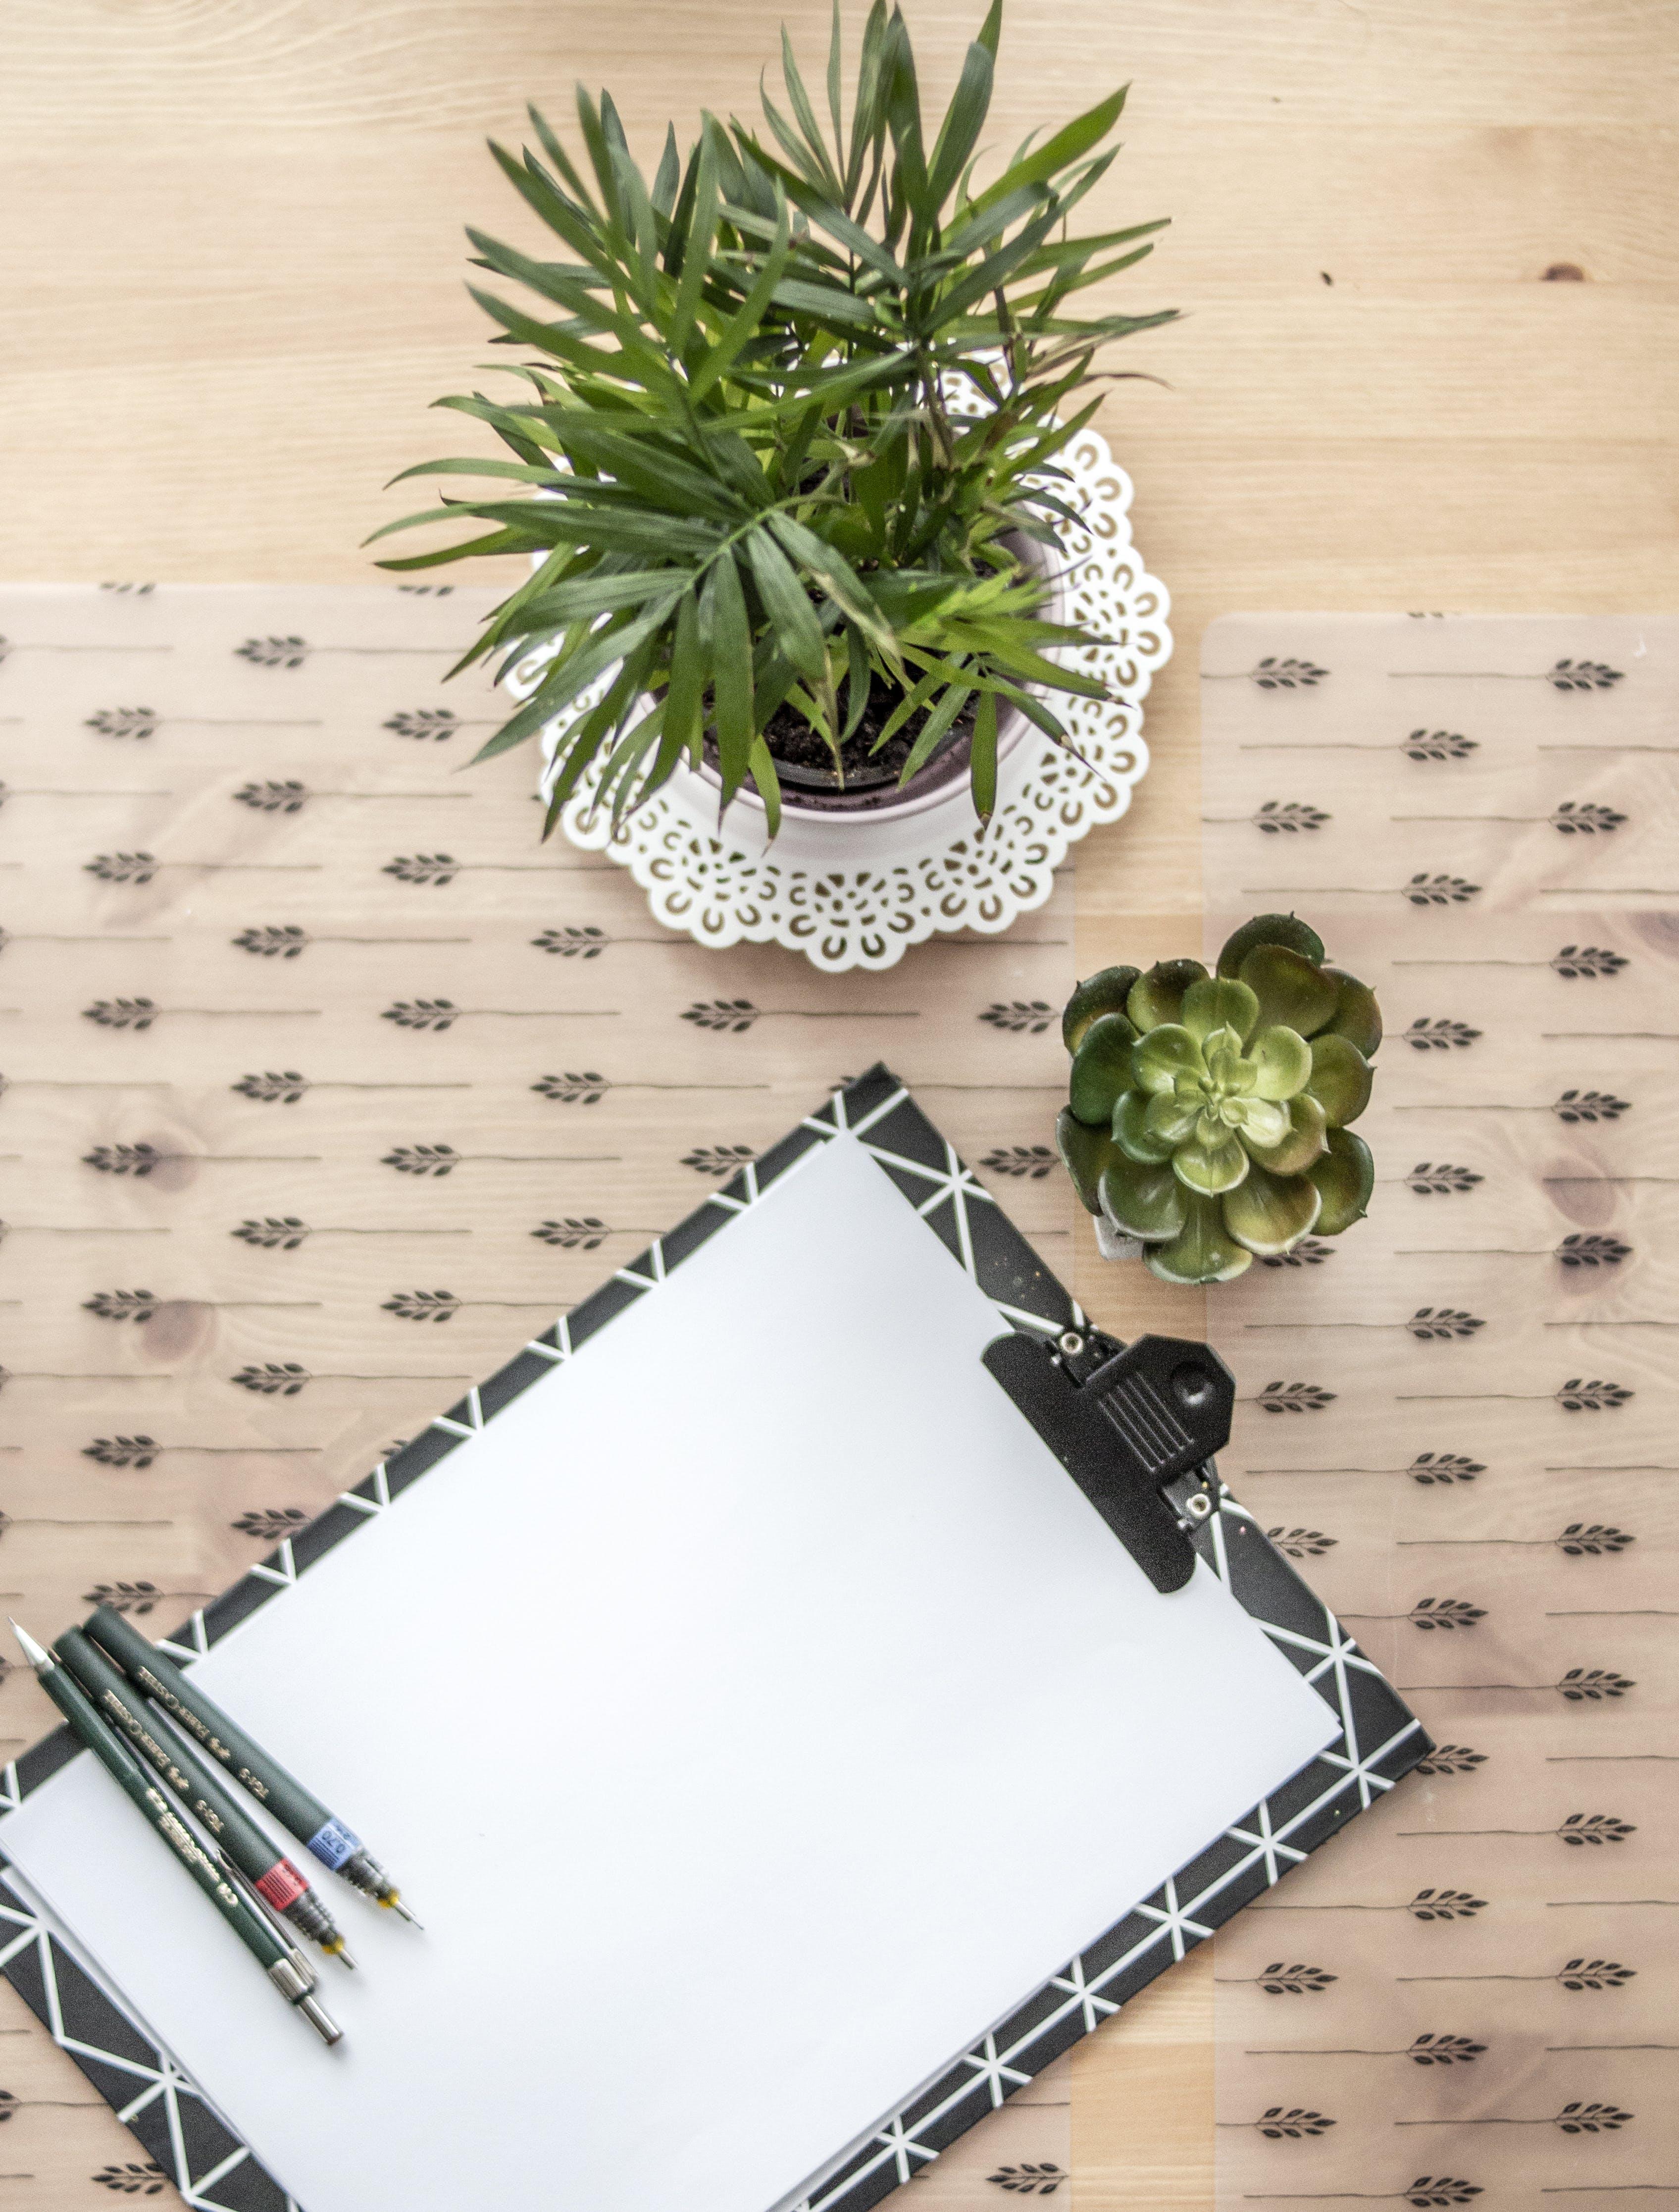 Kostenloses Stock Foto zu leer, papier, stifte, zwischenablage